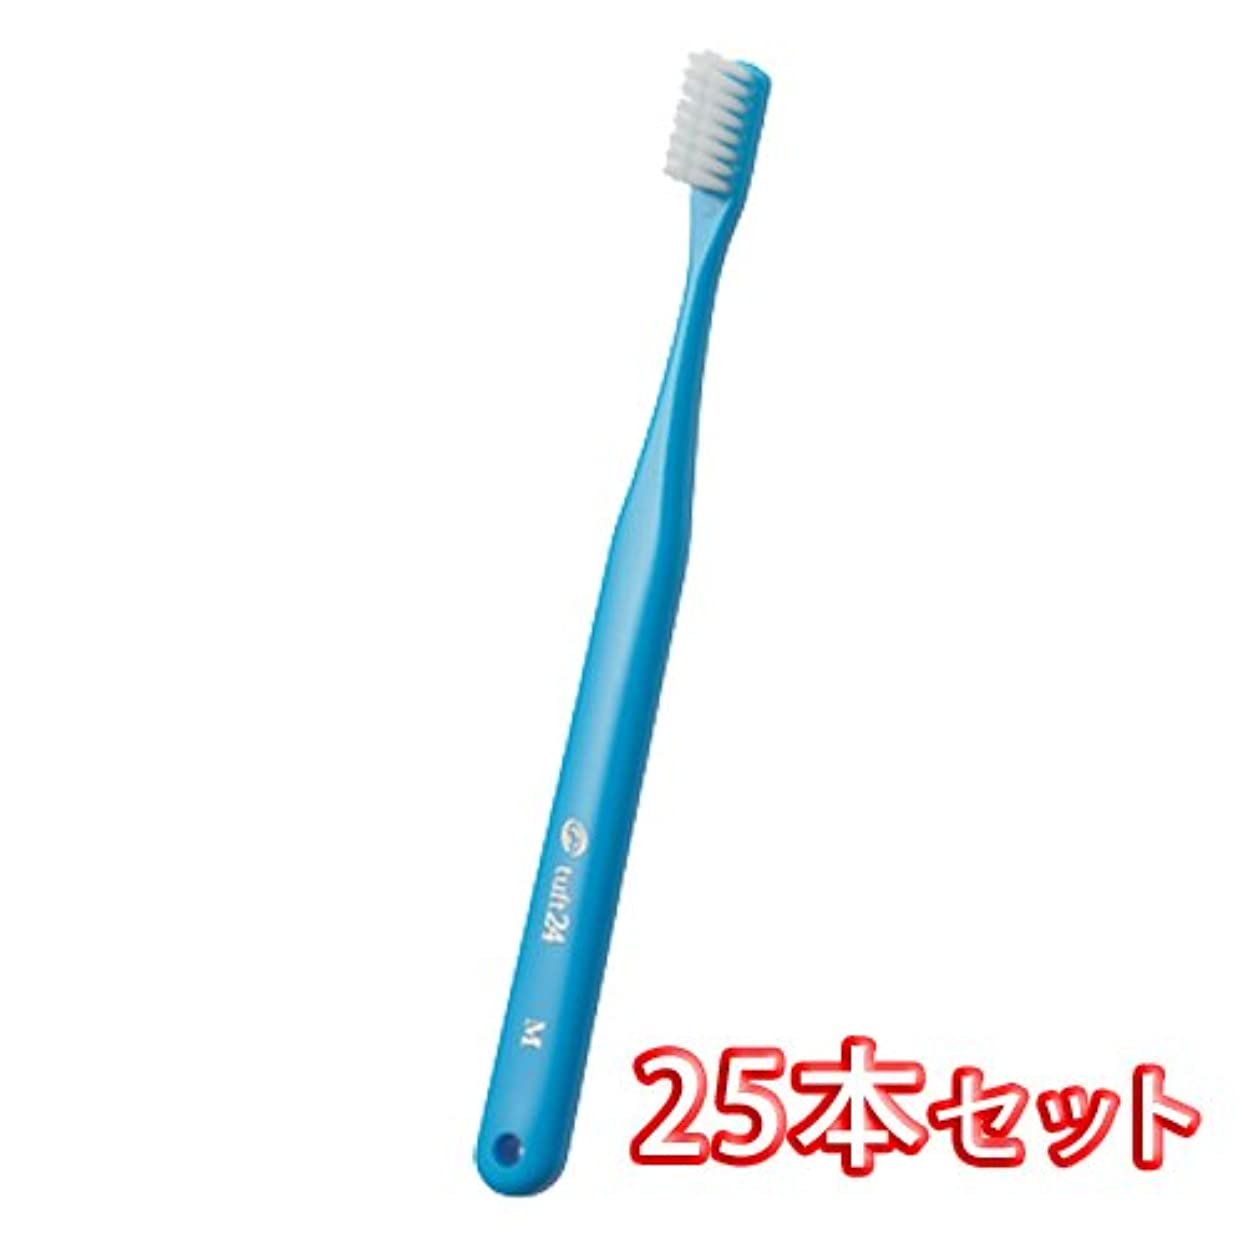 山こんにちは記憶オーラルケア キャップ付き タフト 24 歯ブラシ 25本入 ミディアムハード MH (ブルー)